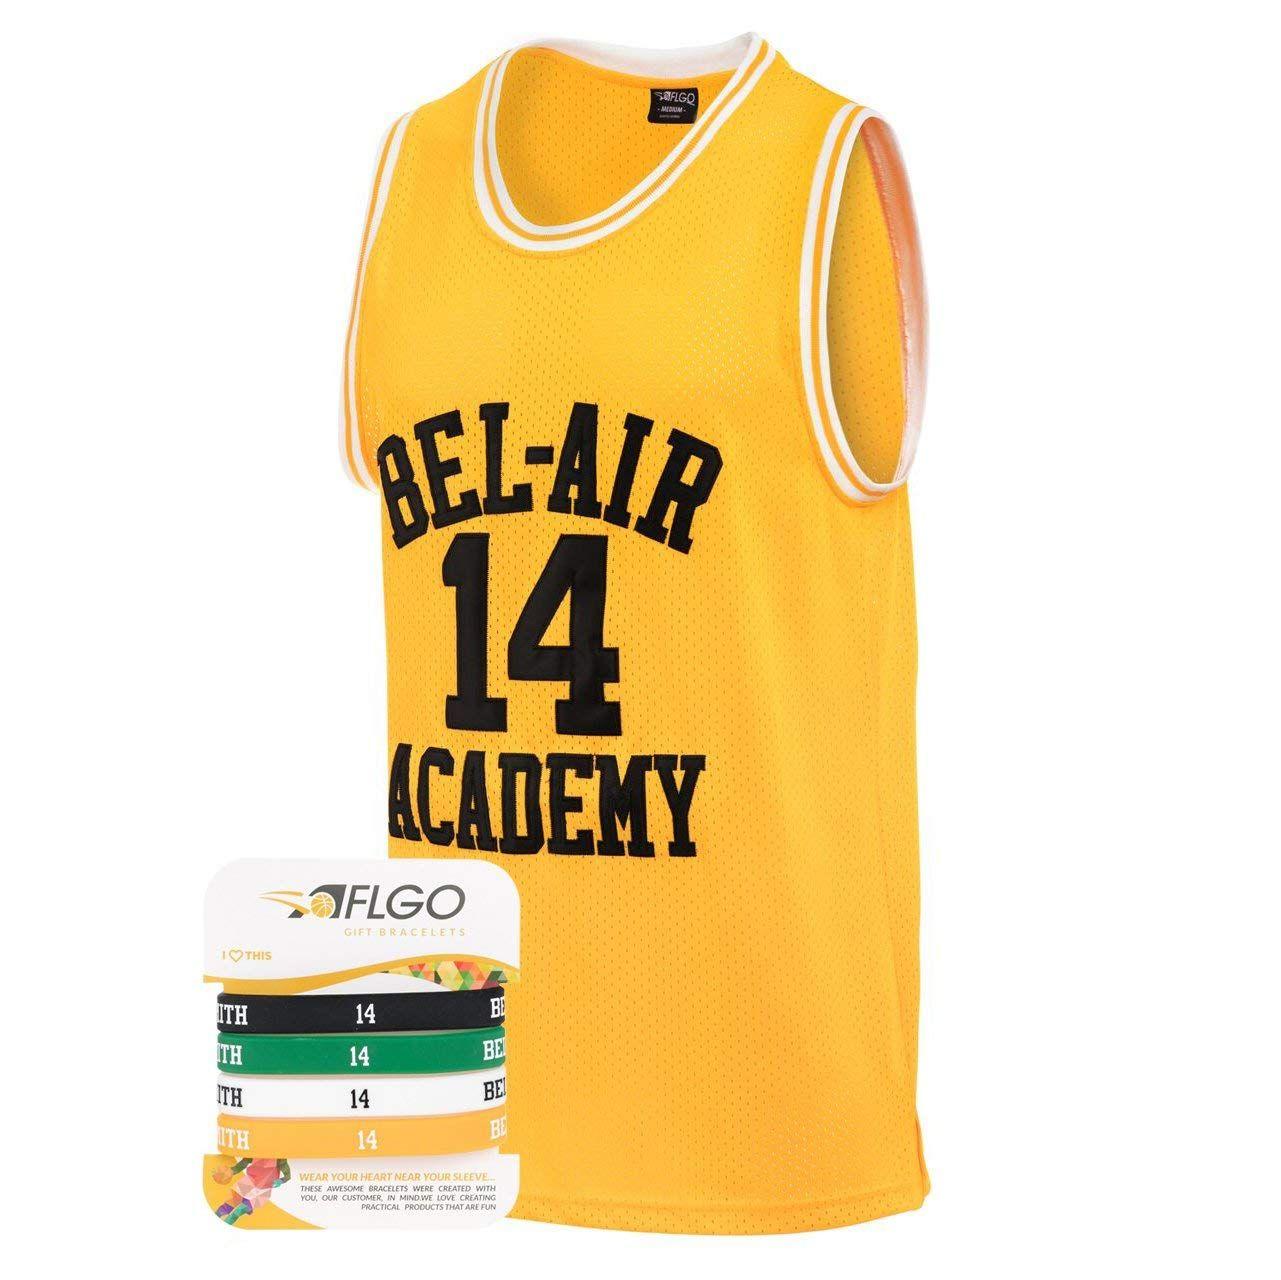 AFLGO Fresh Prince of Bel Air 14 Basketball Jersey SXXXL